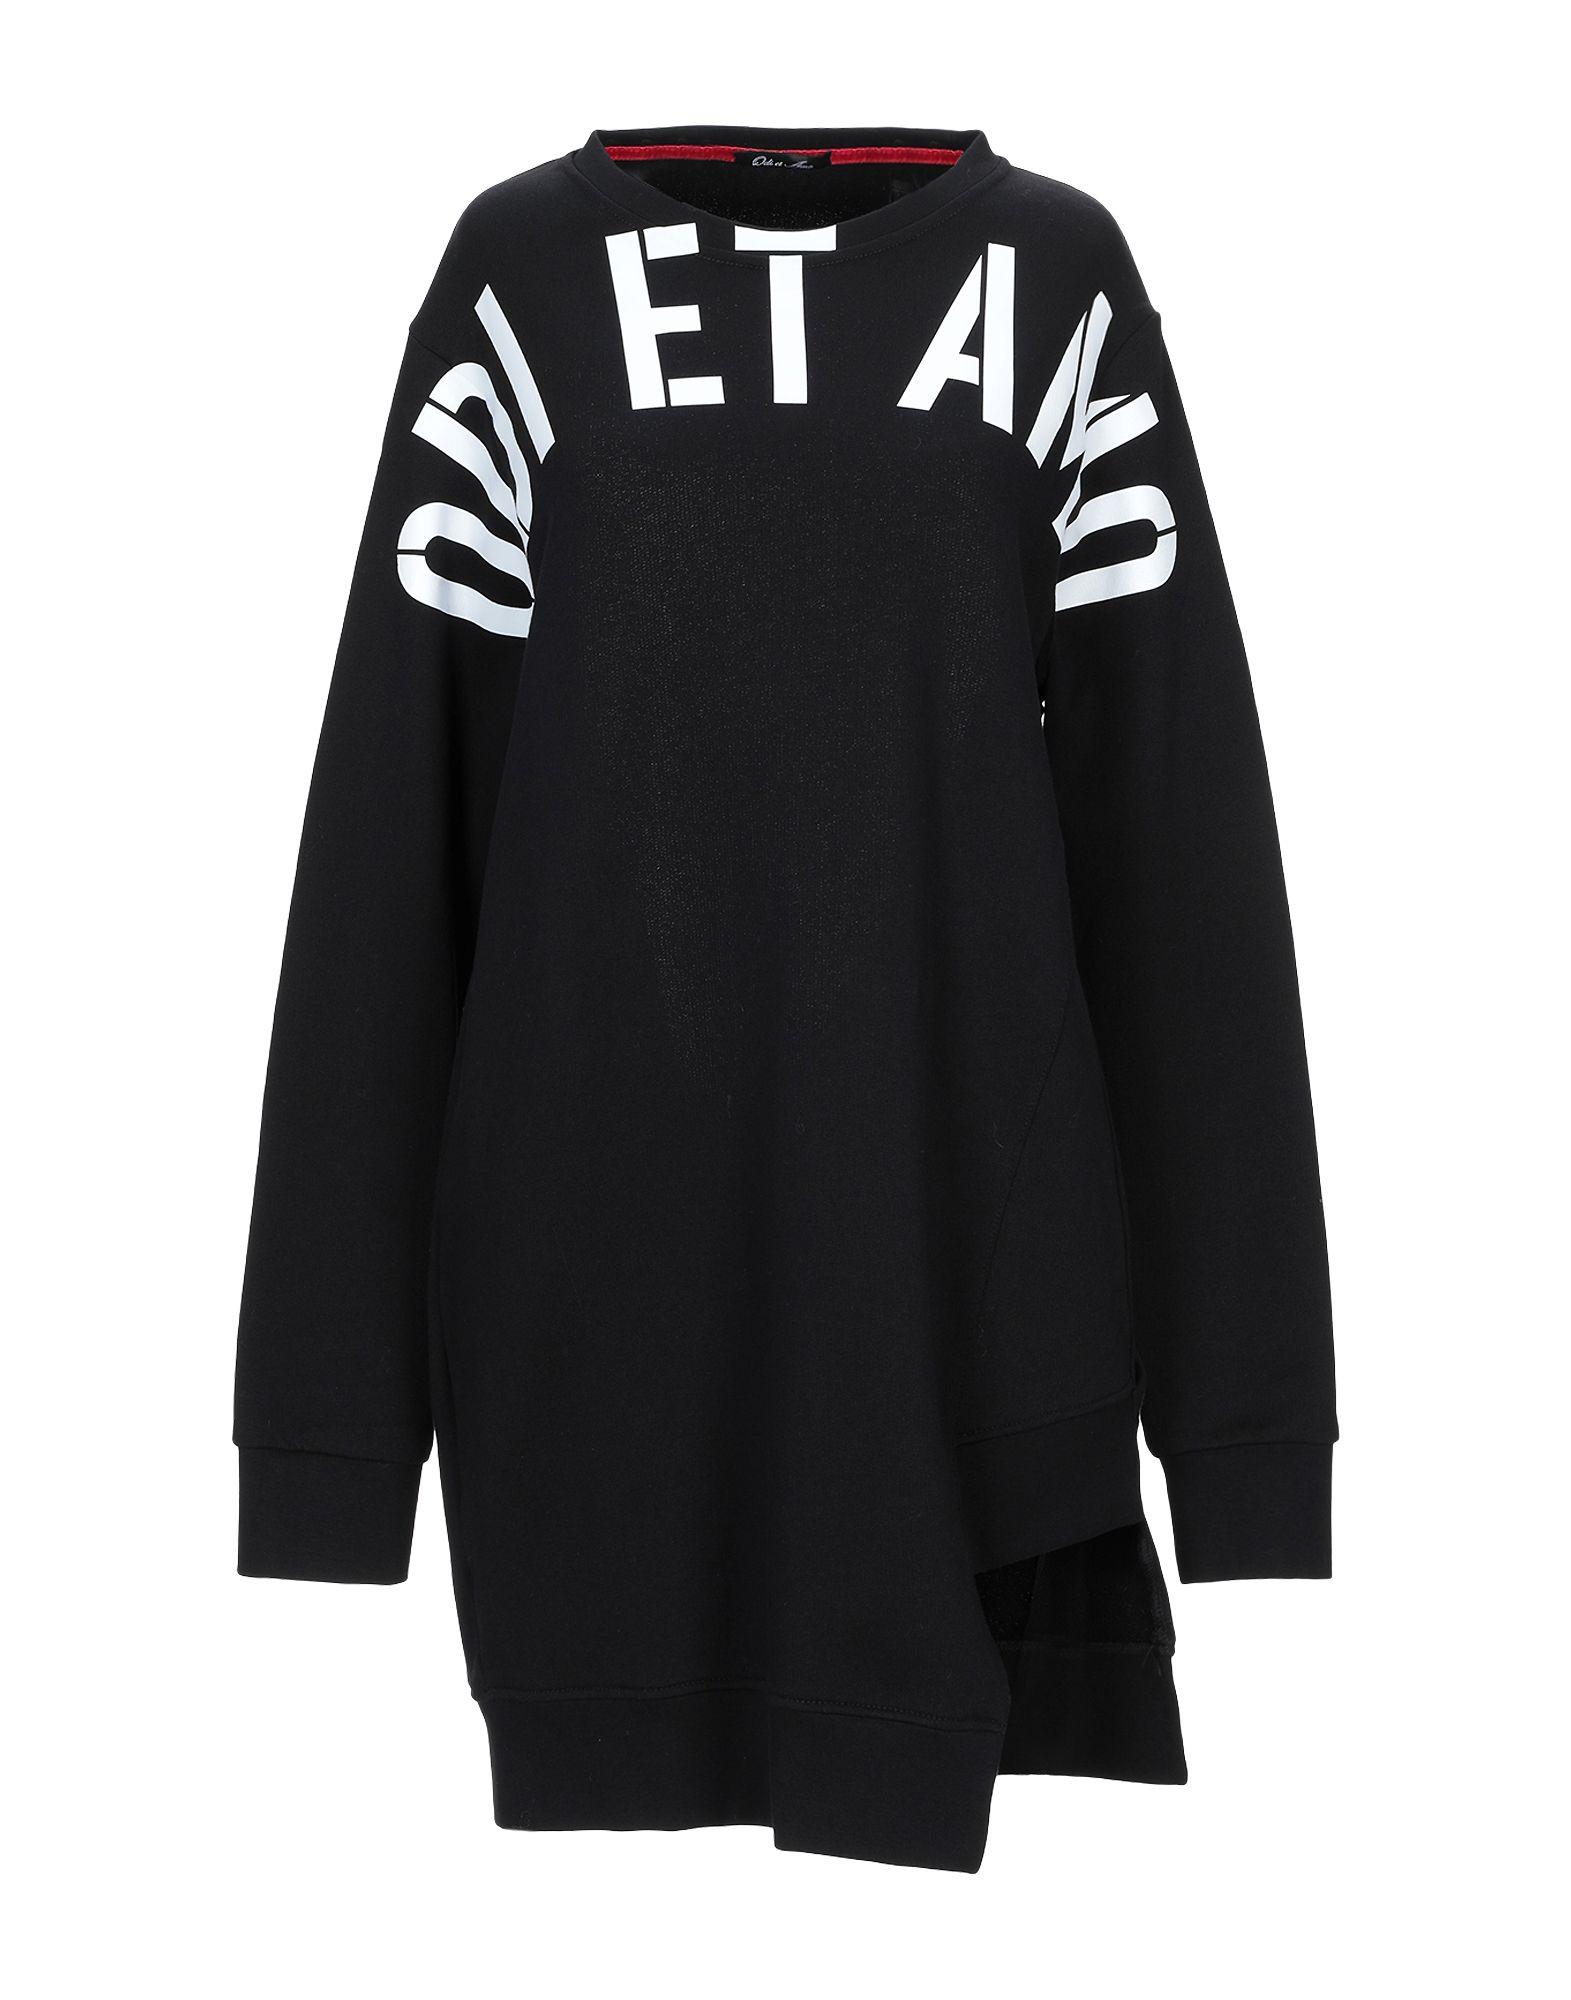 《期間限定セール中》ODI ET AMO レディース スウェットシャツ ブラック XS コットン 100%